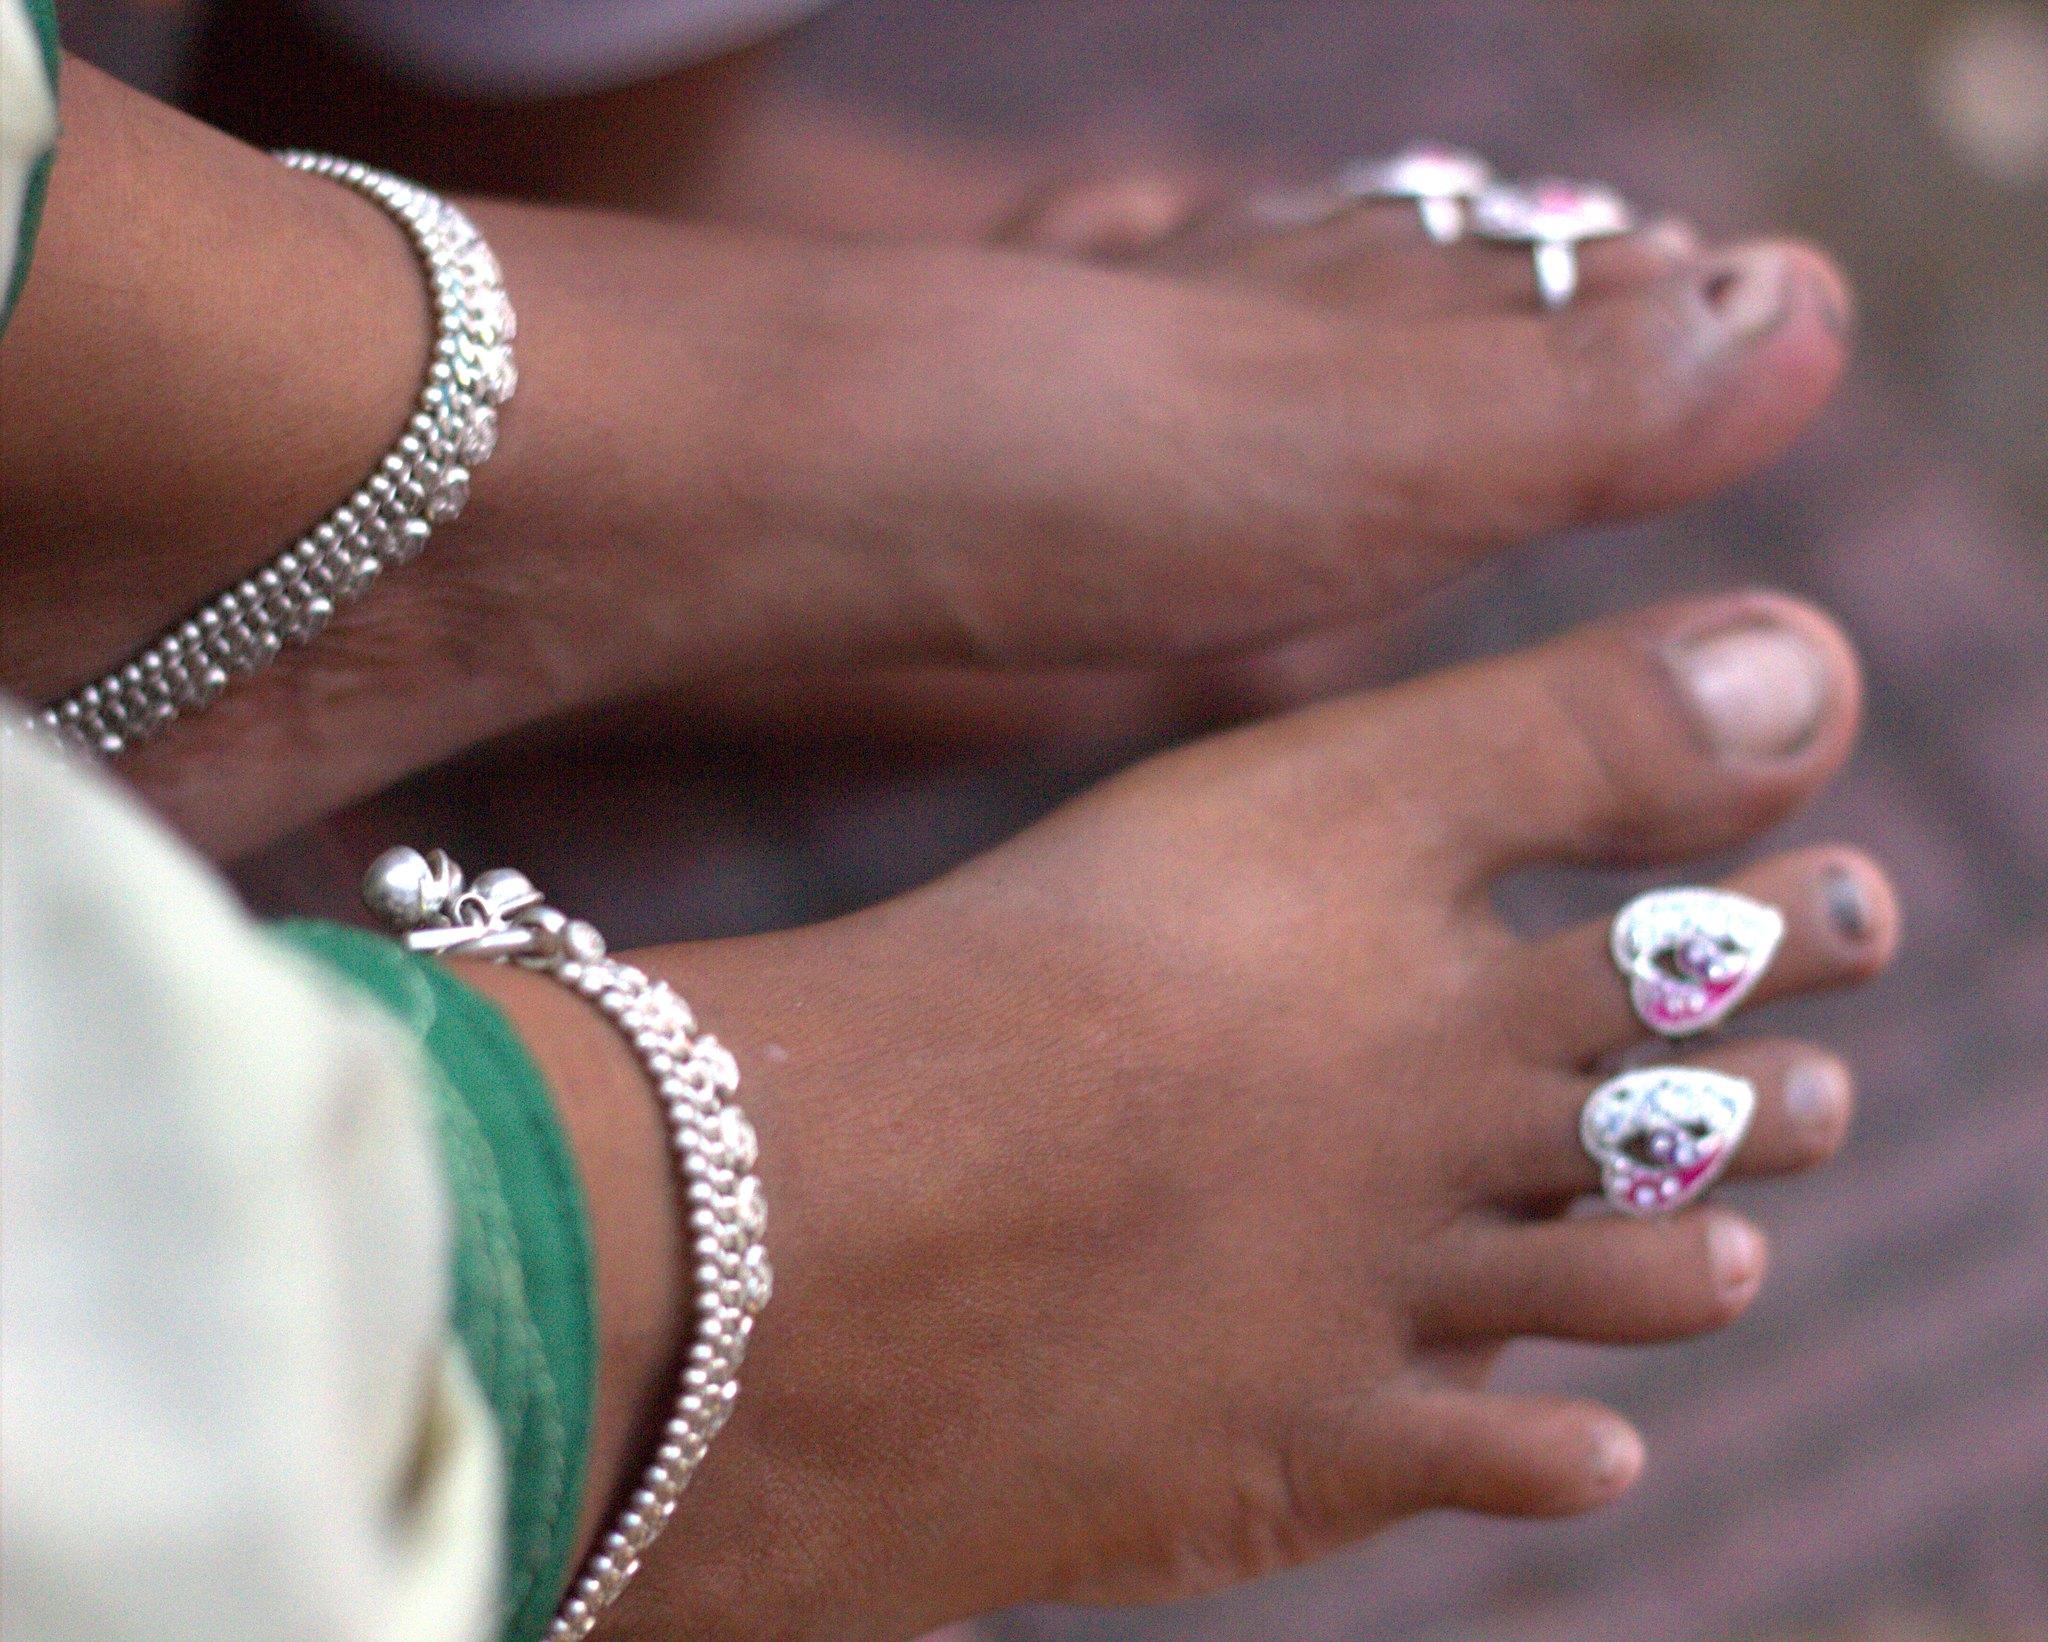 #uttarkhandtourism #haridwar #travelbloggerindia #travelblogindia #harkipauri